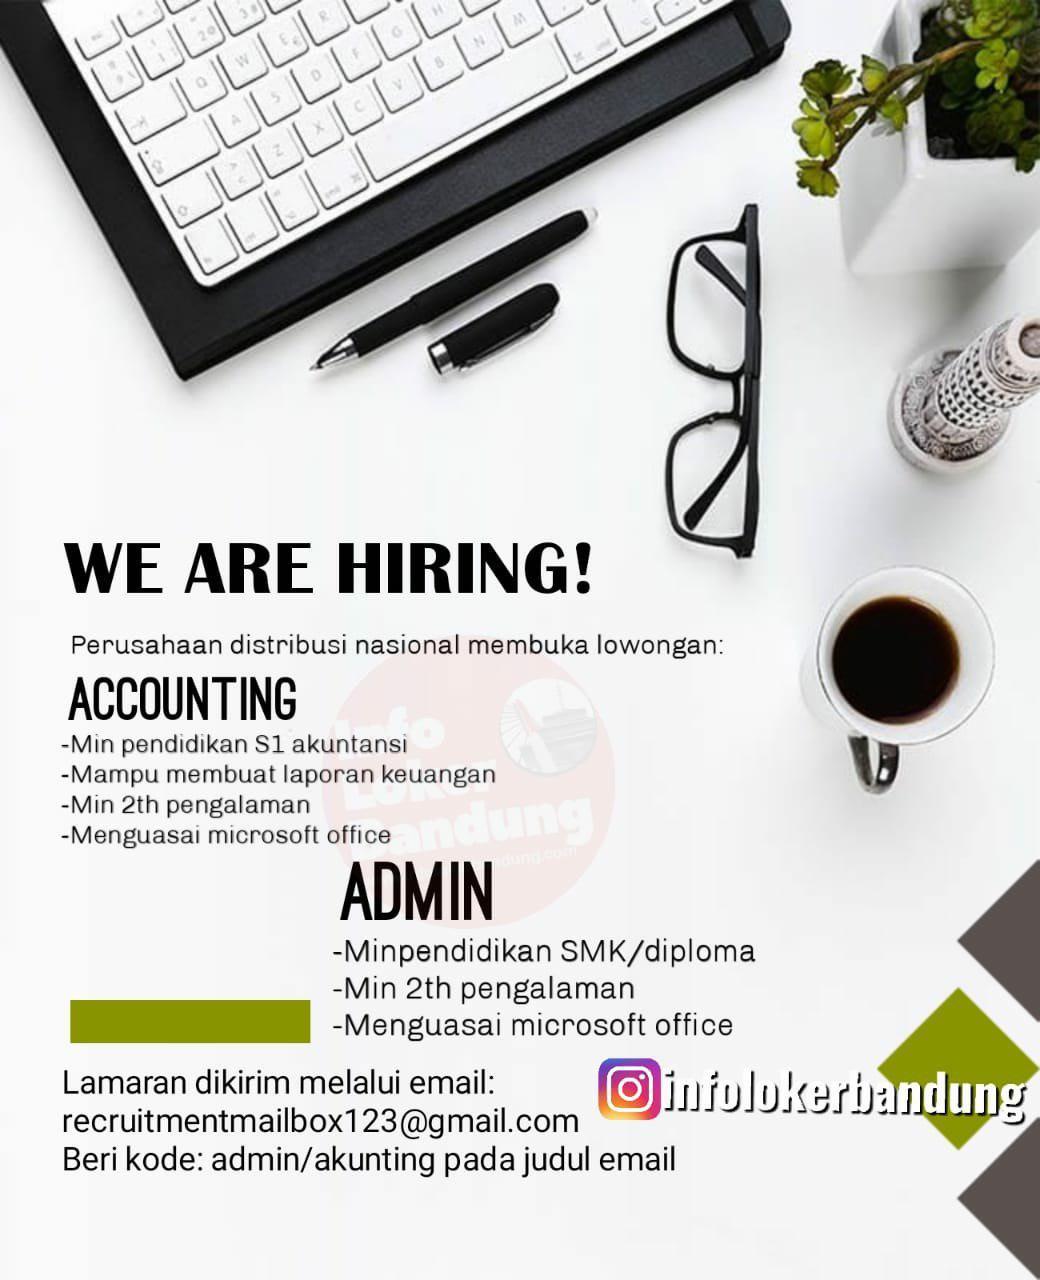 Lowongan Kerja Akunting & Admin Perusahaan Distribusi Nasional Bandung Agustus 2019